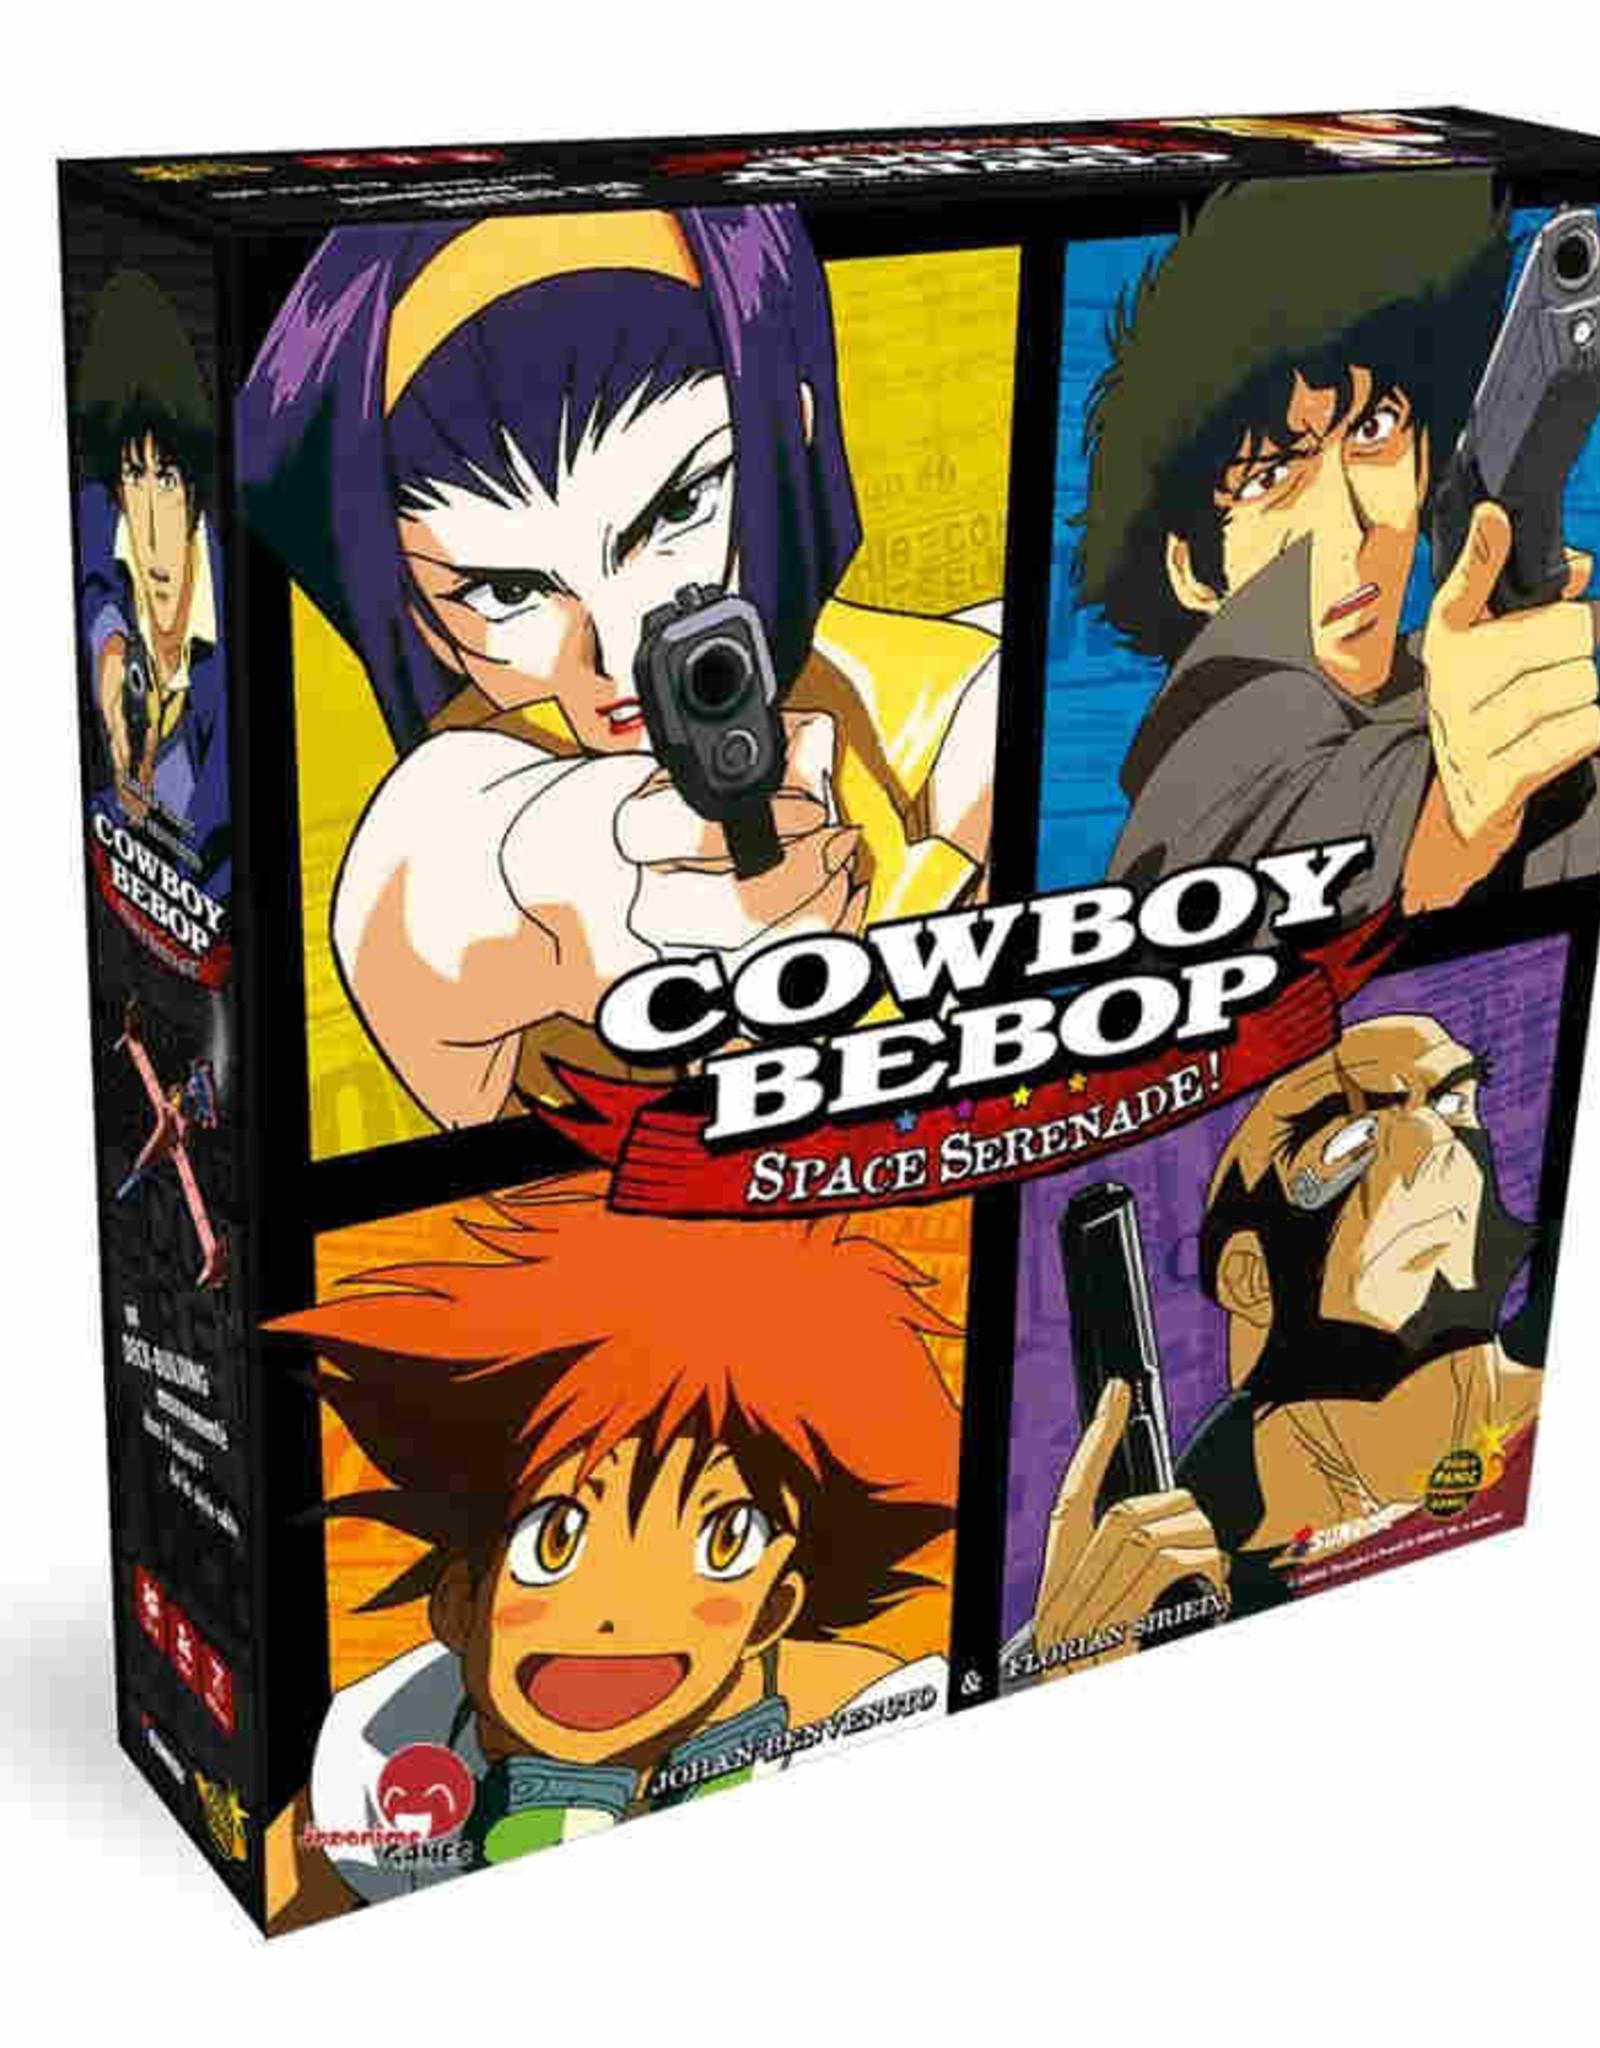 Japanime Games Cowboy Bebop Space Serenade